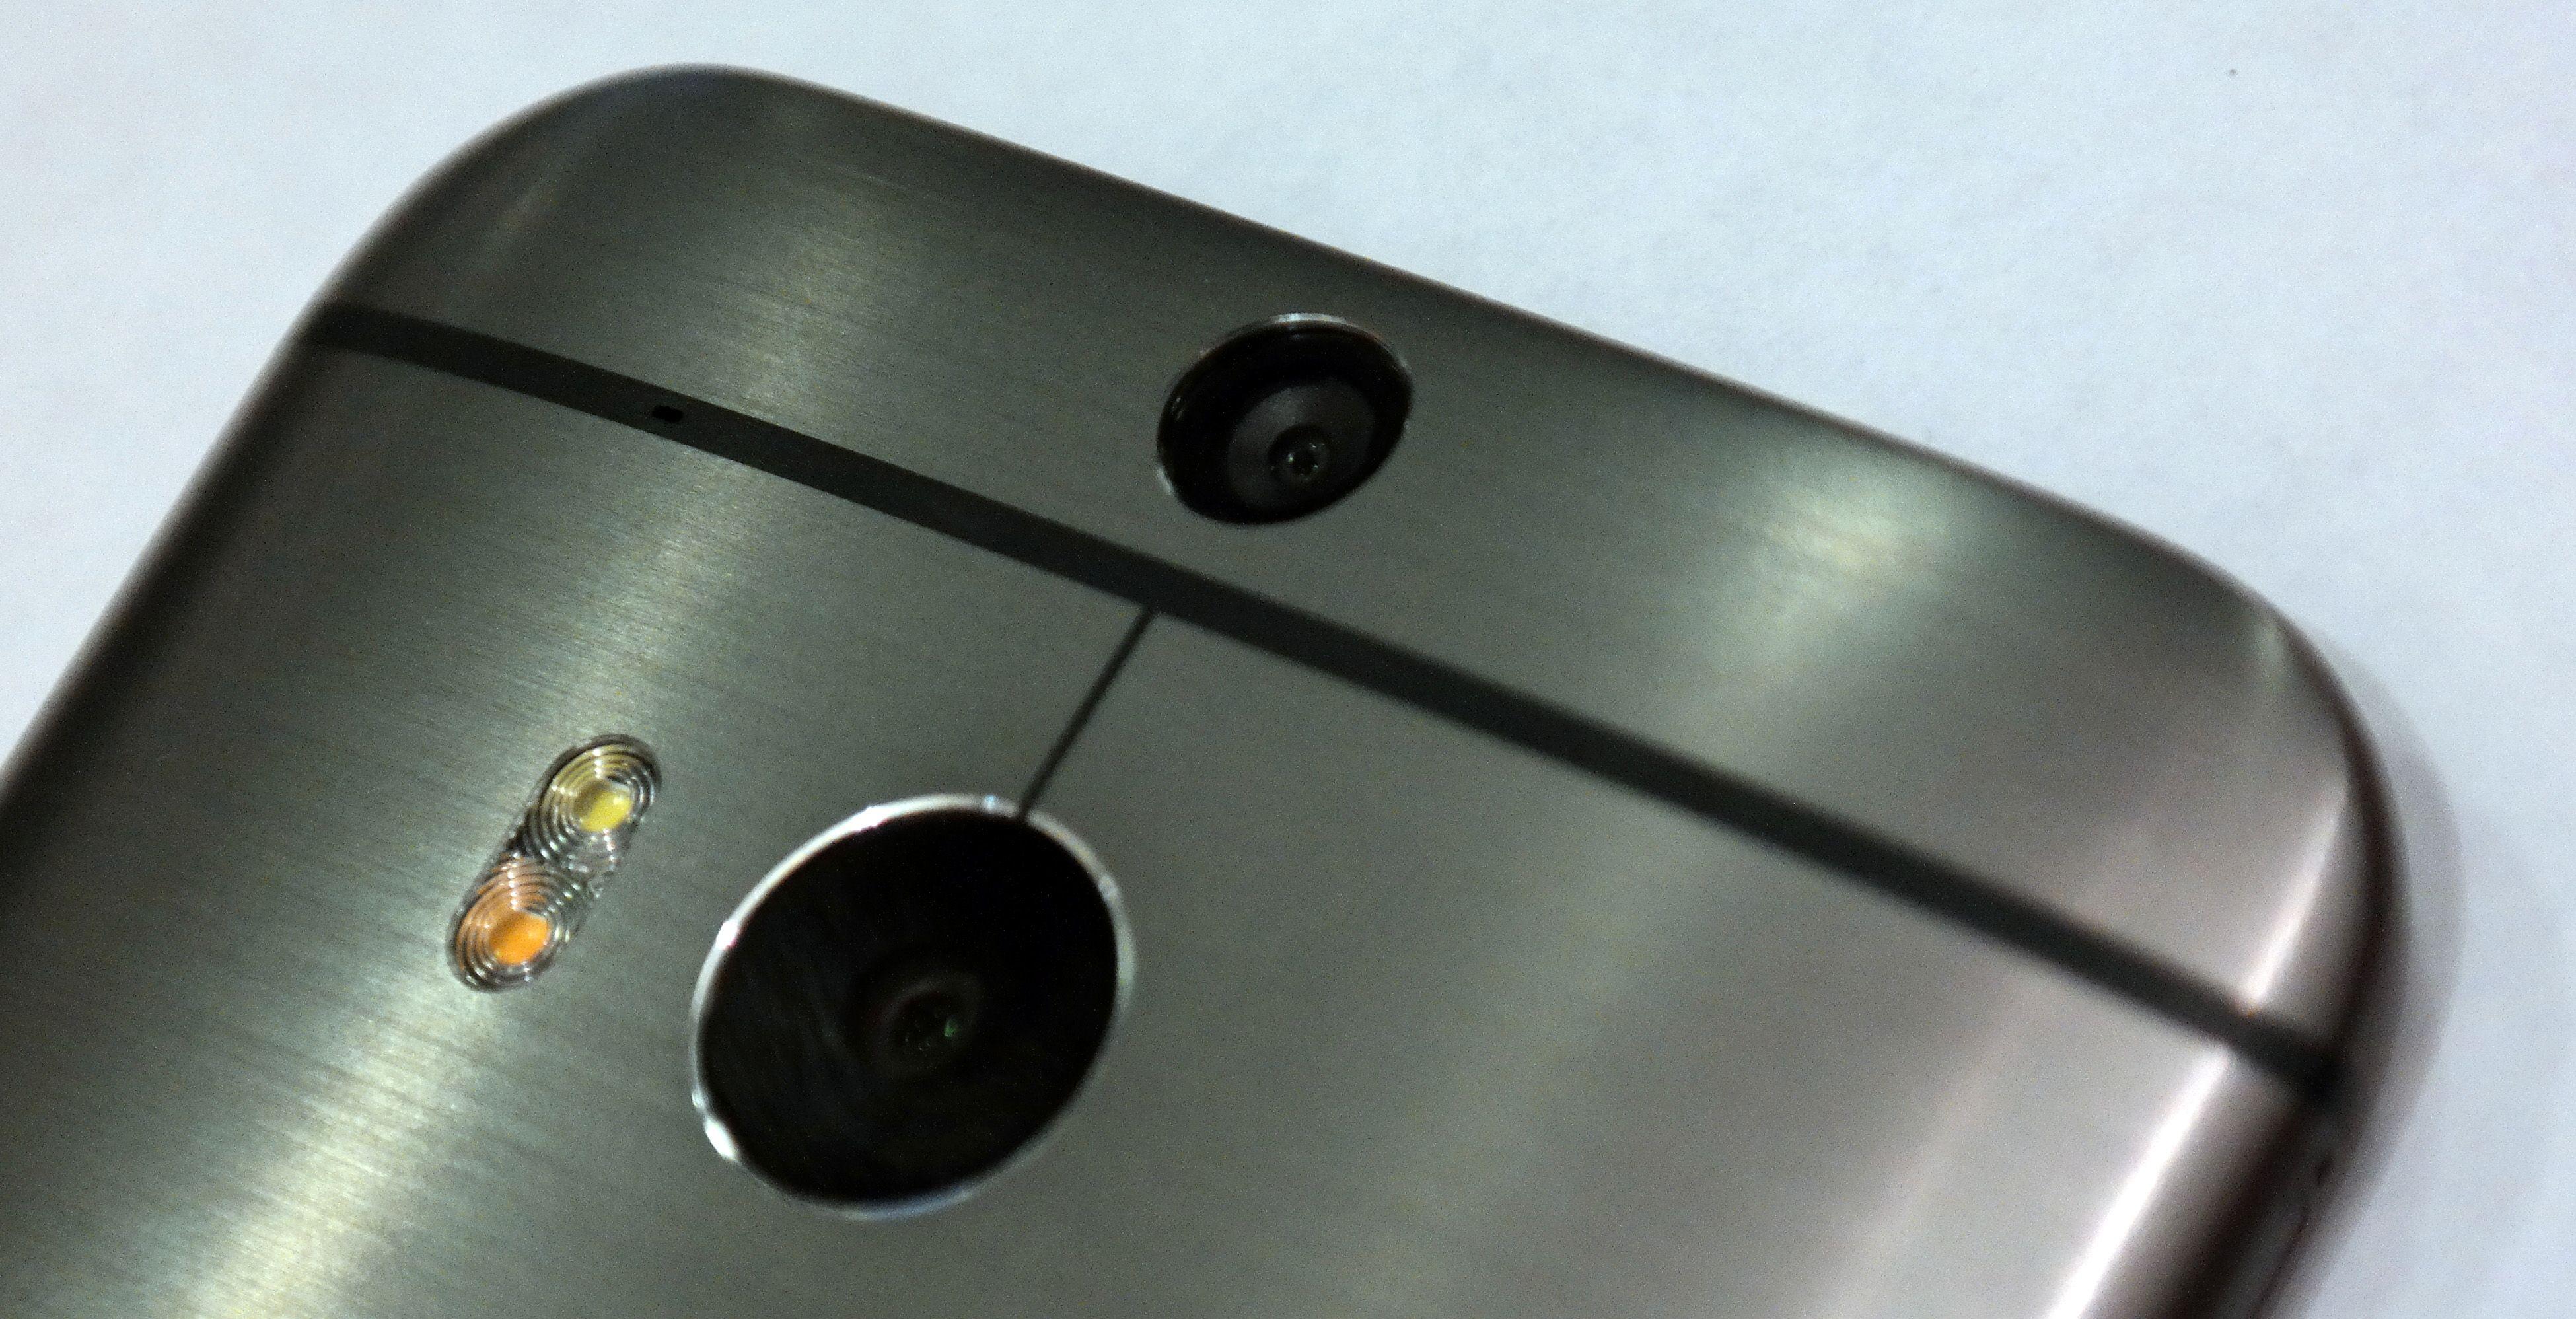 Det lille kameraet tar ikke bilder, men samler informasjon om avstander.Foto: Espen Irwing Swang, Amobil.no